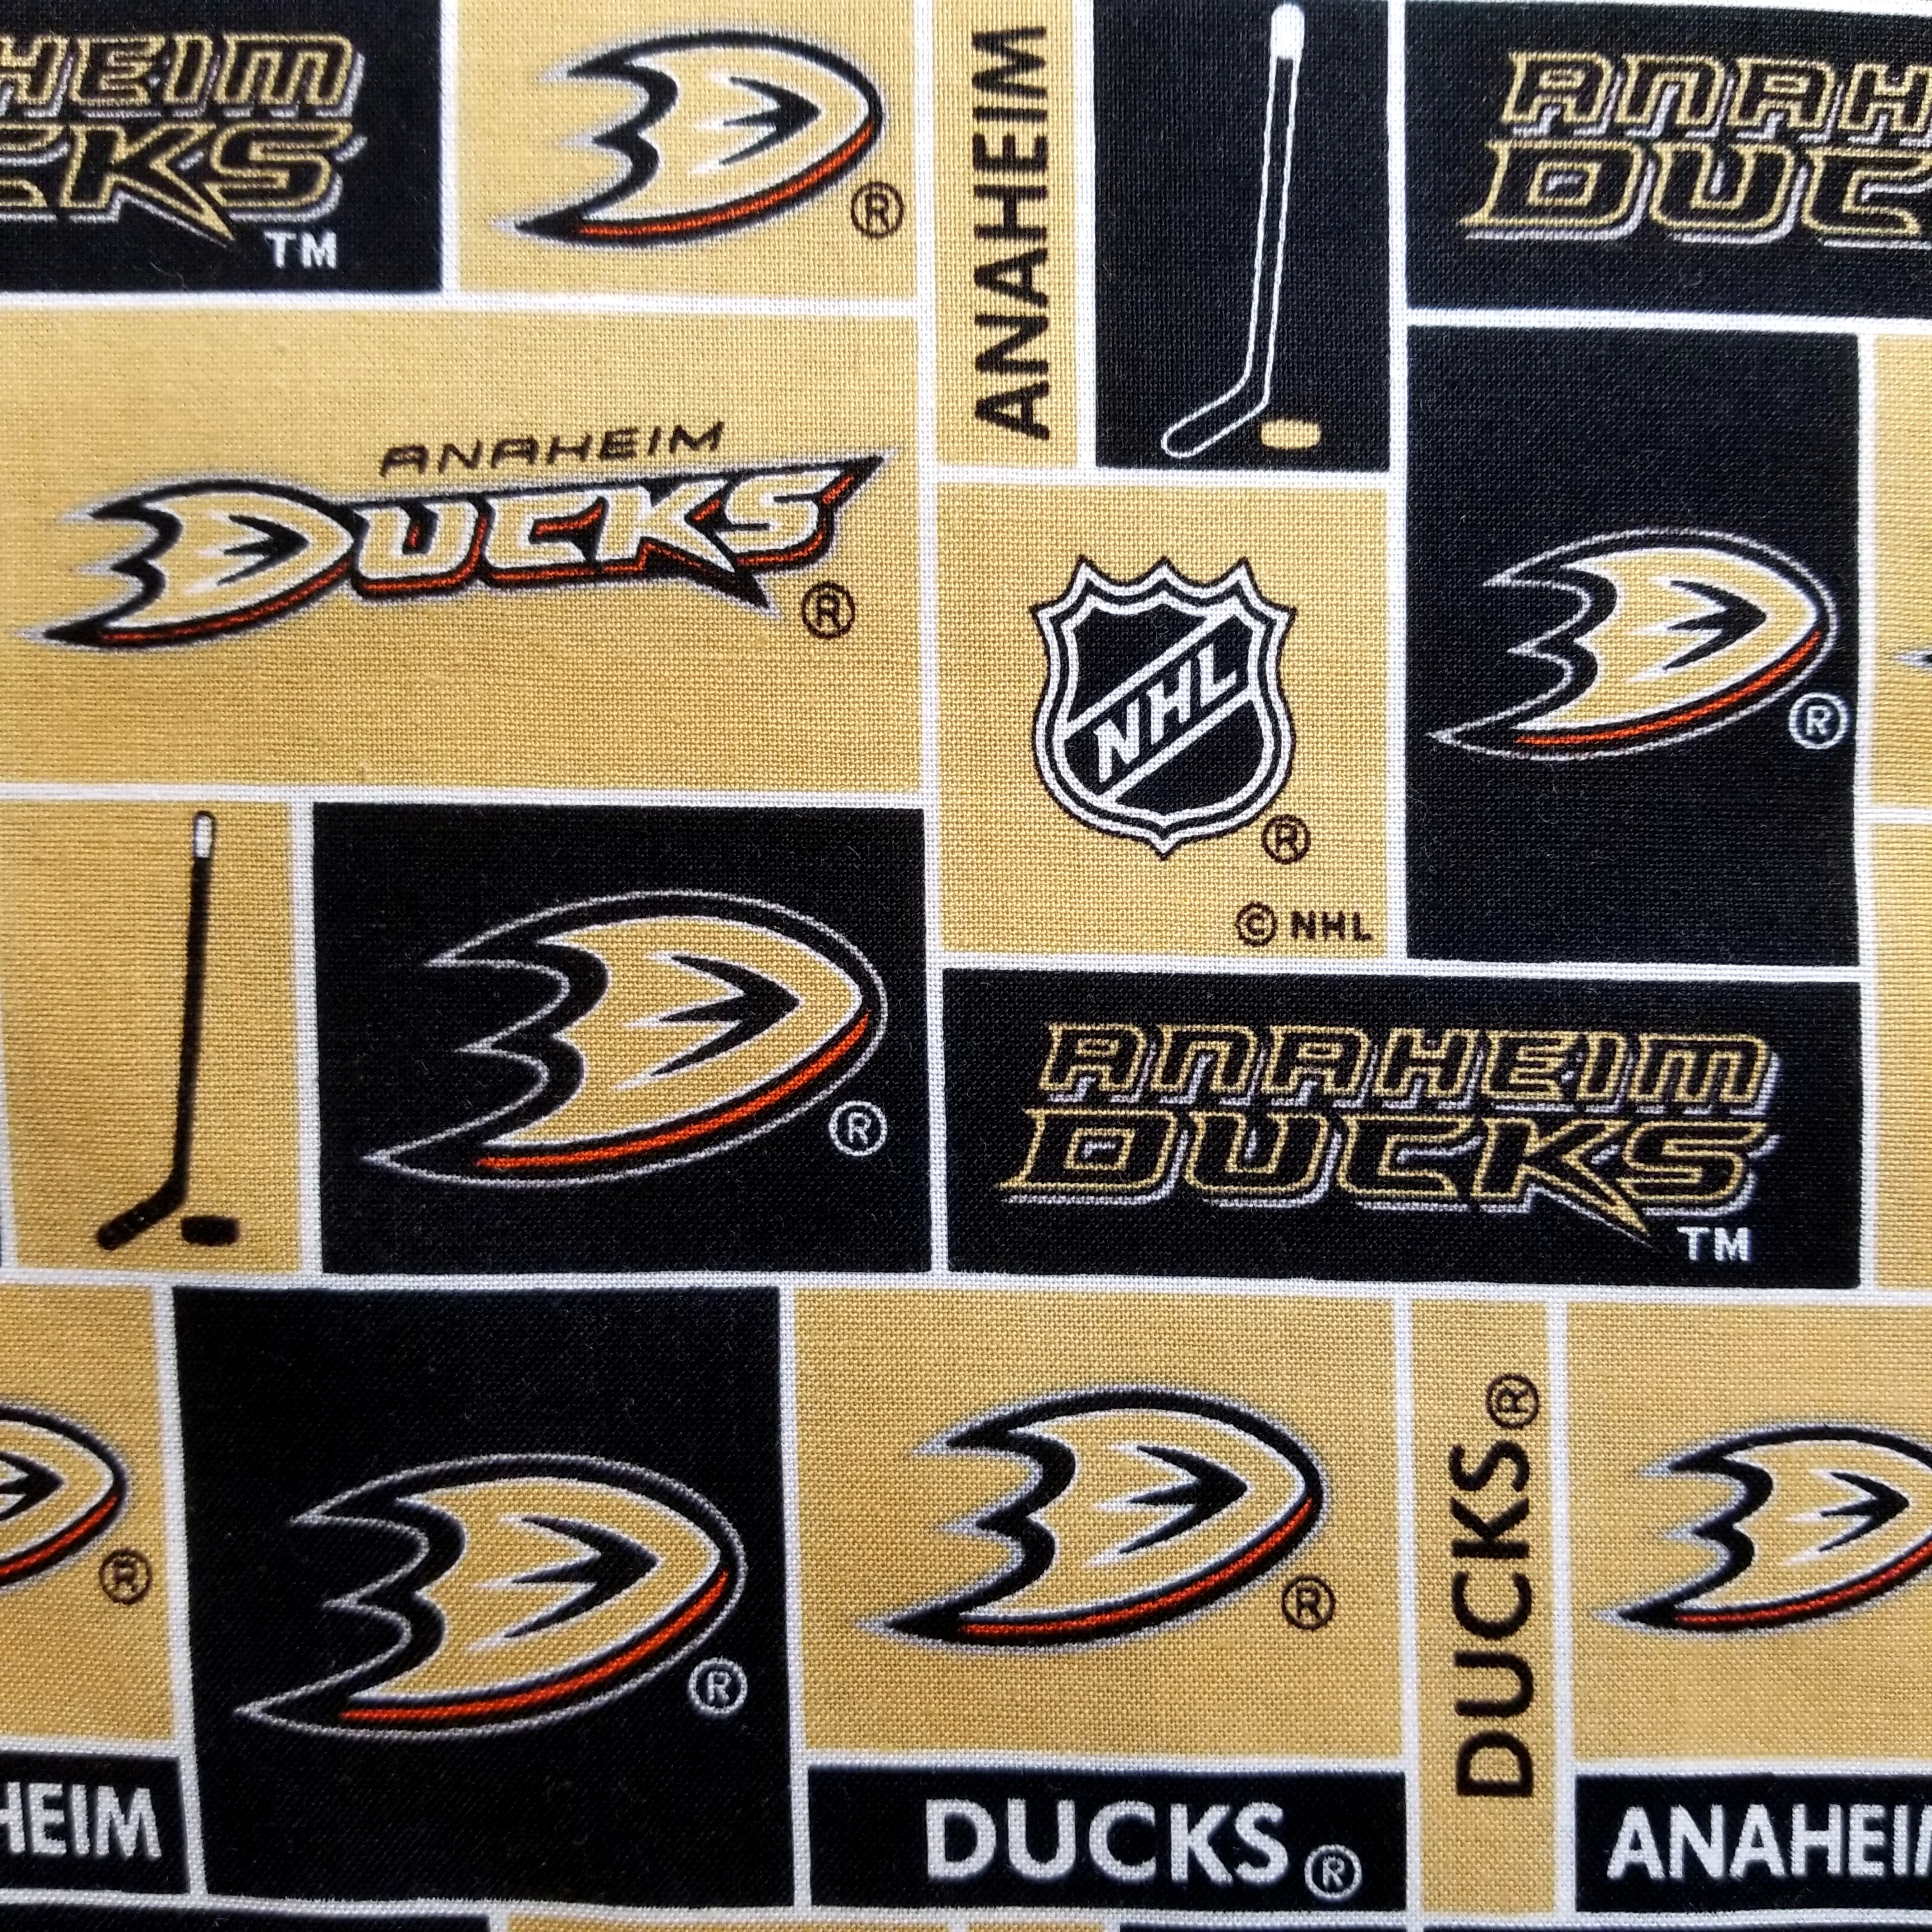 Team Anaheim Ducks